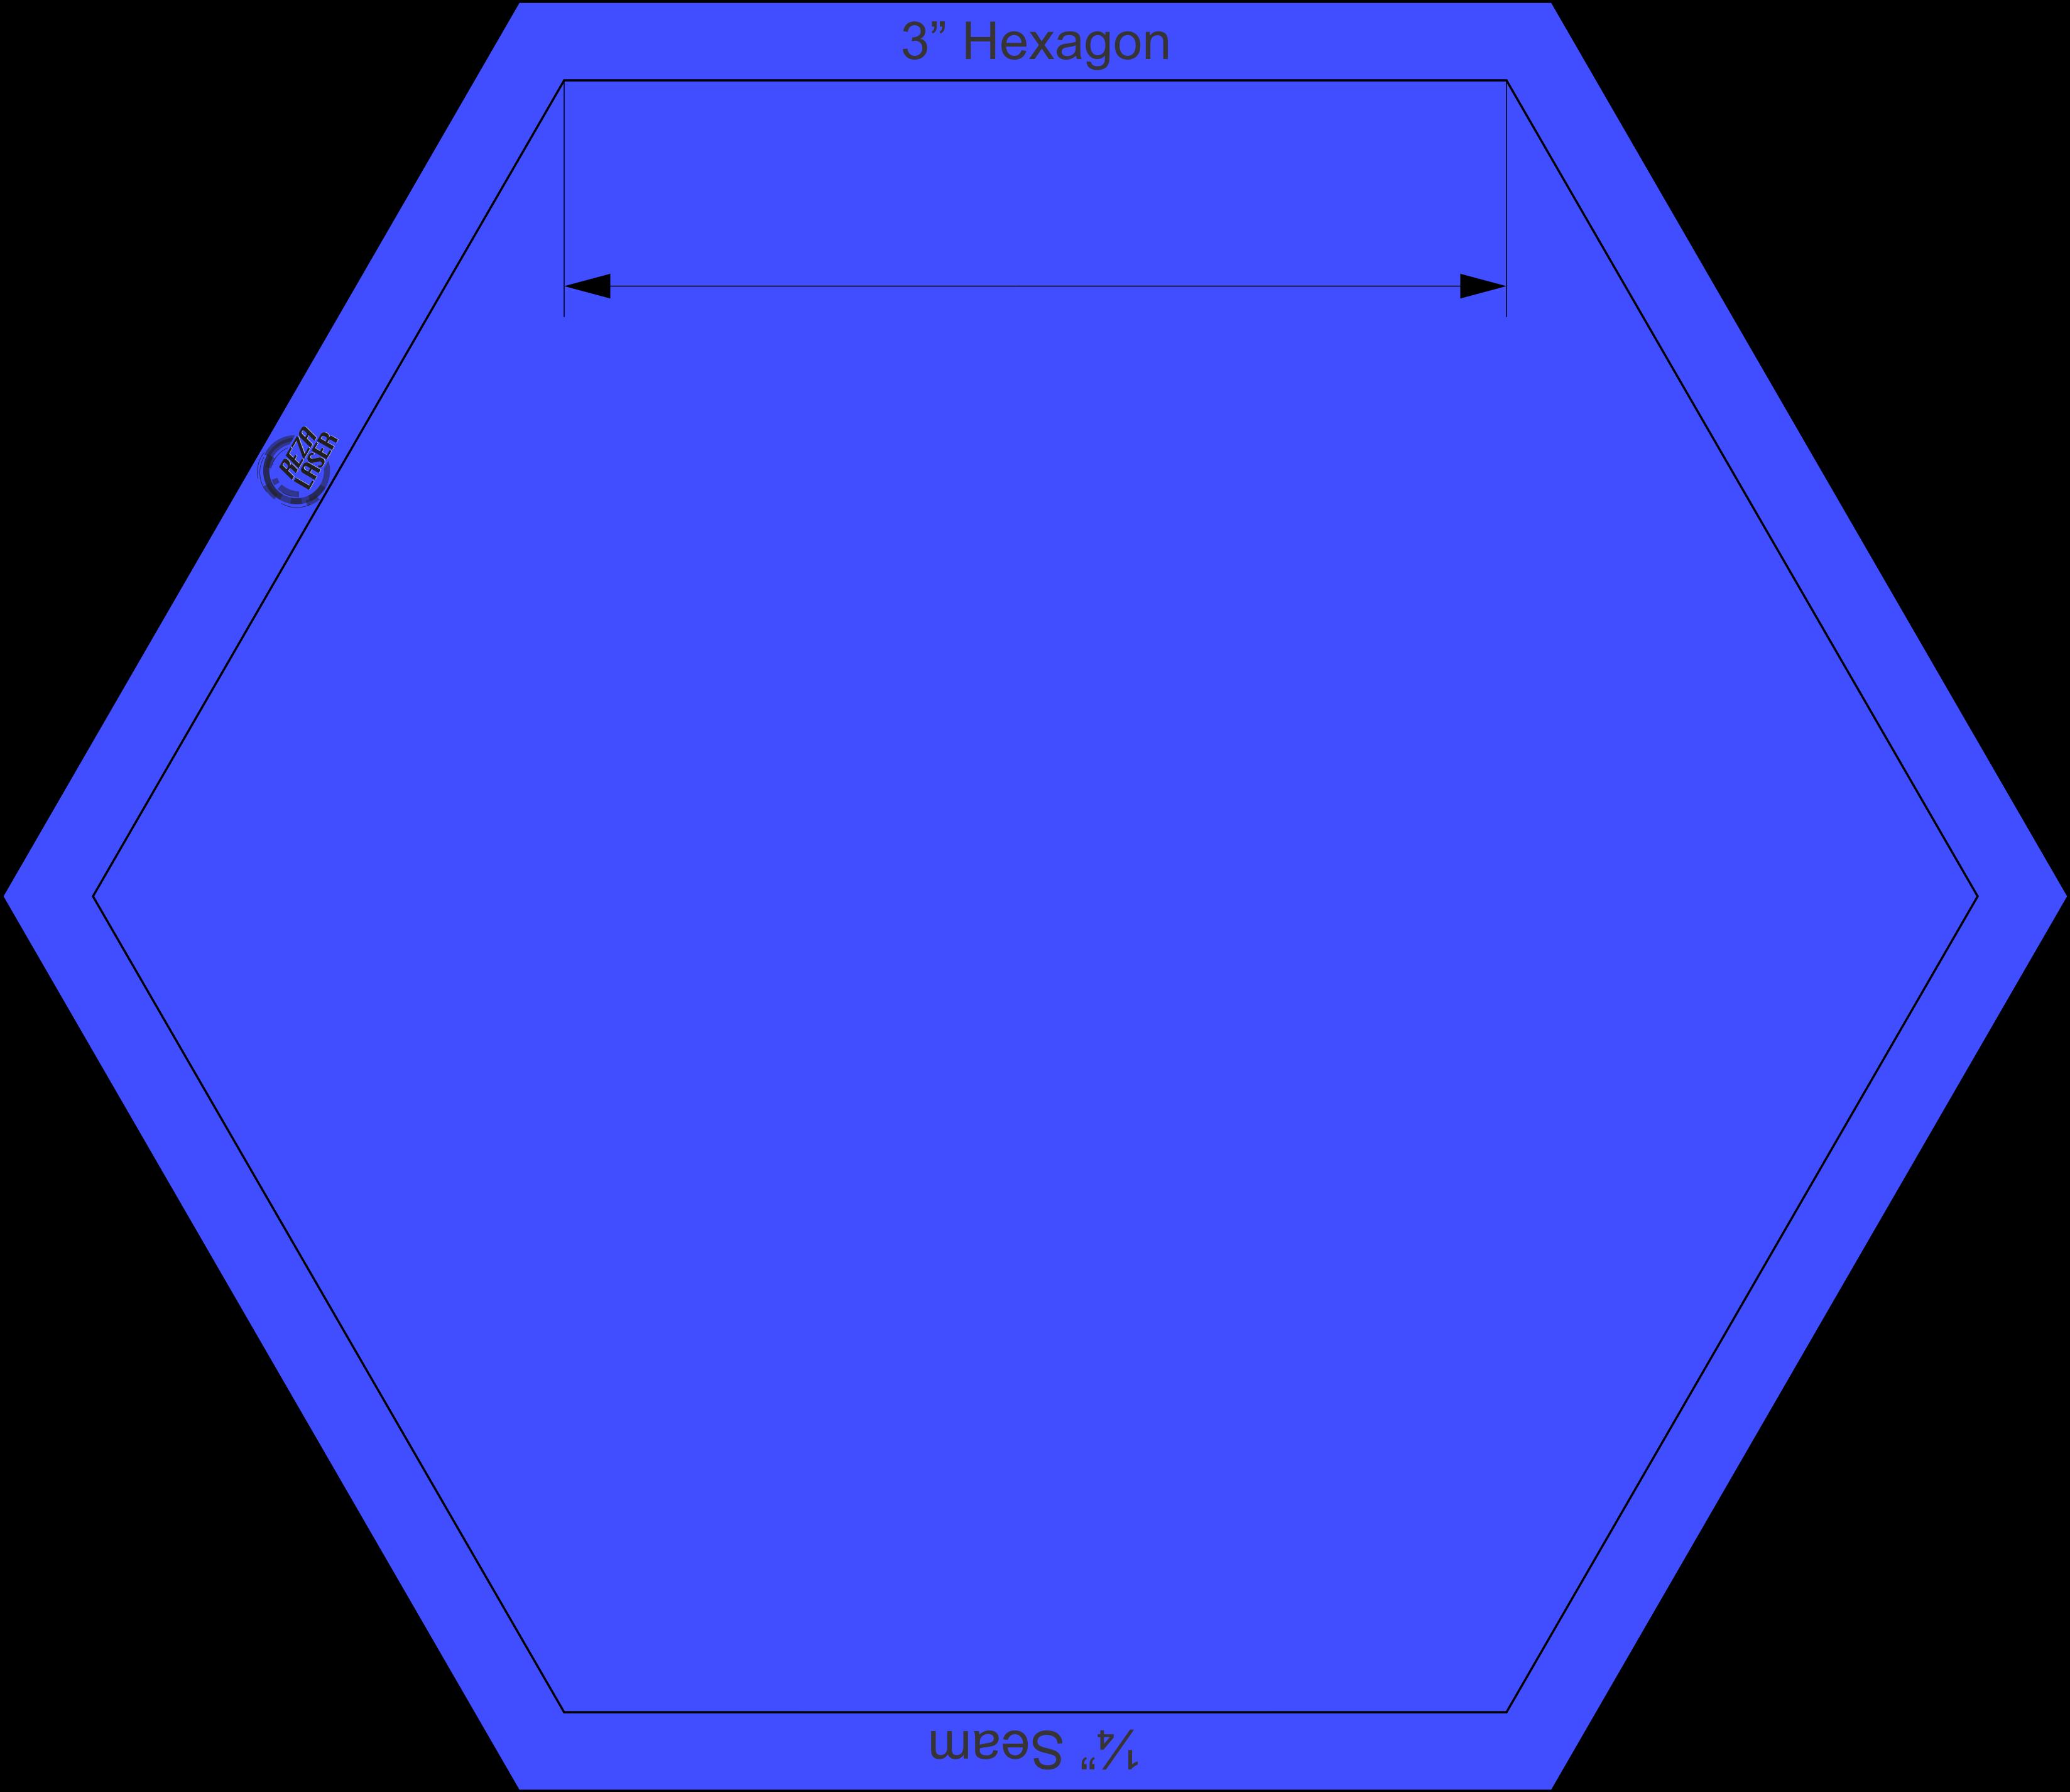 Yield sign transparent . Hexagon clipart rectangular